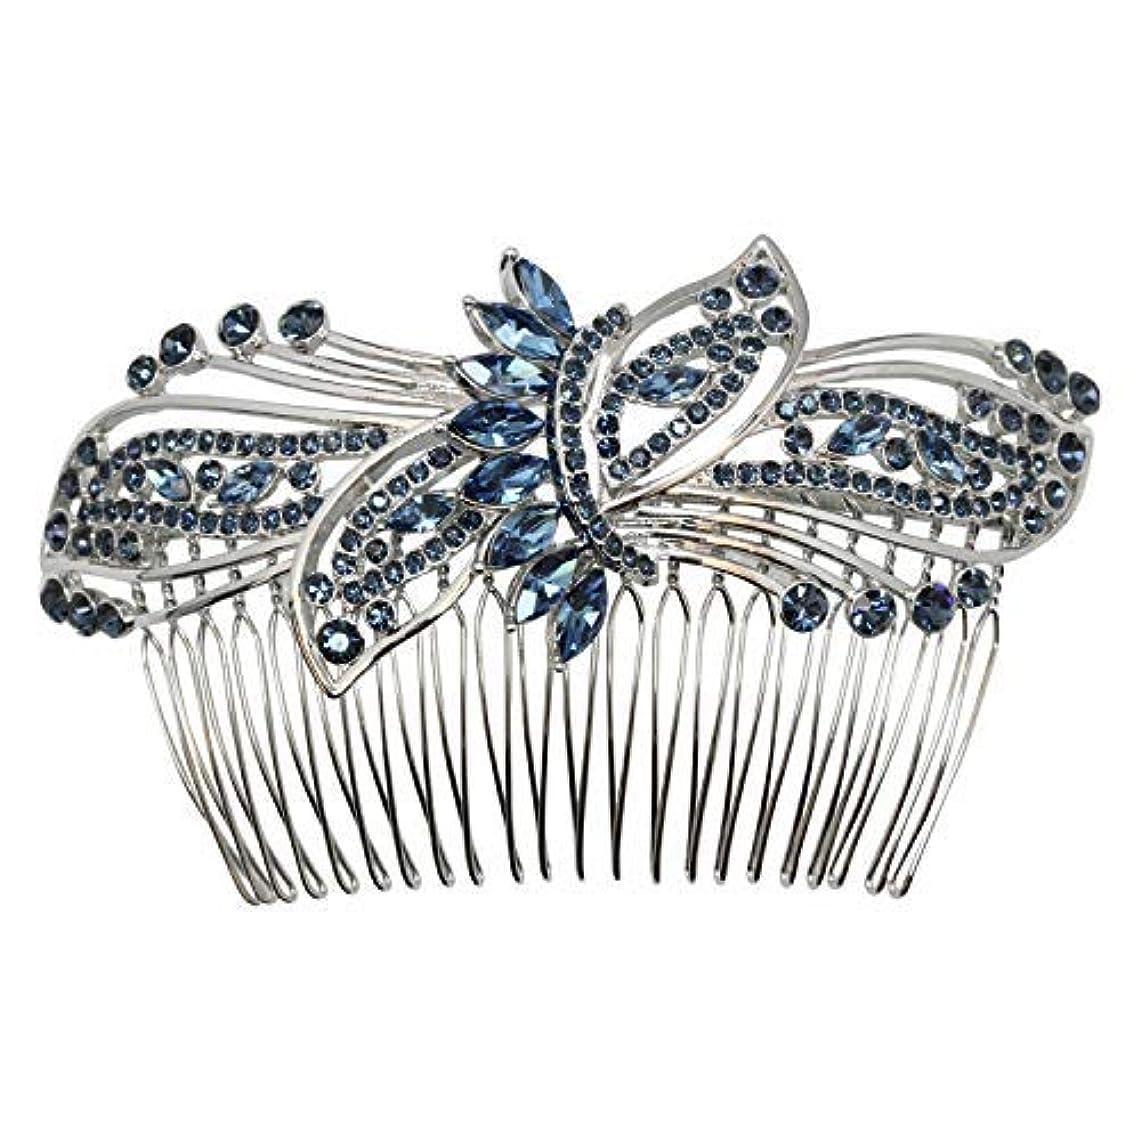 素晴らしき正午窓を洗うFaship Gorgeous Navy Blue Rhinestone Crystal Huge Floral Hair Comb [並行輸入品]